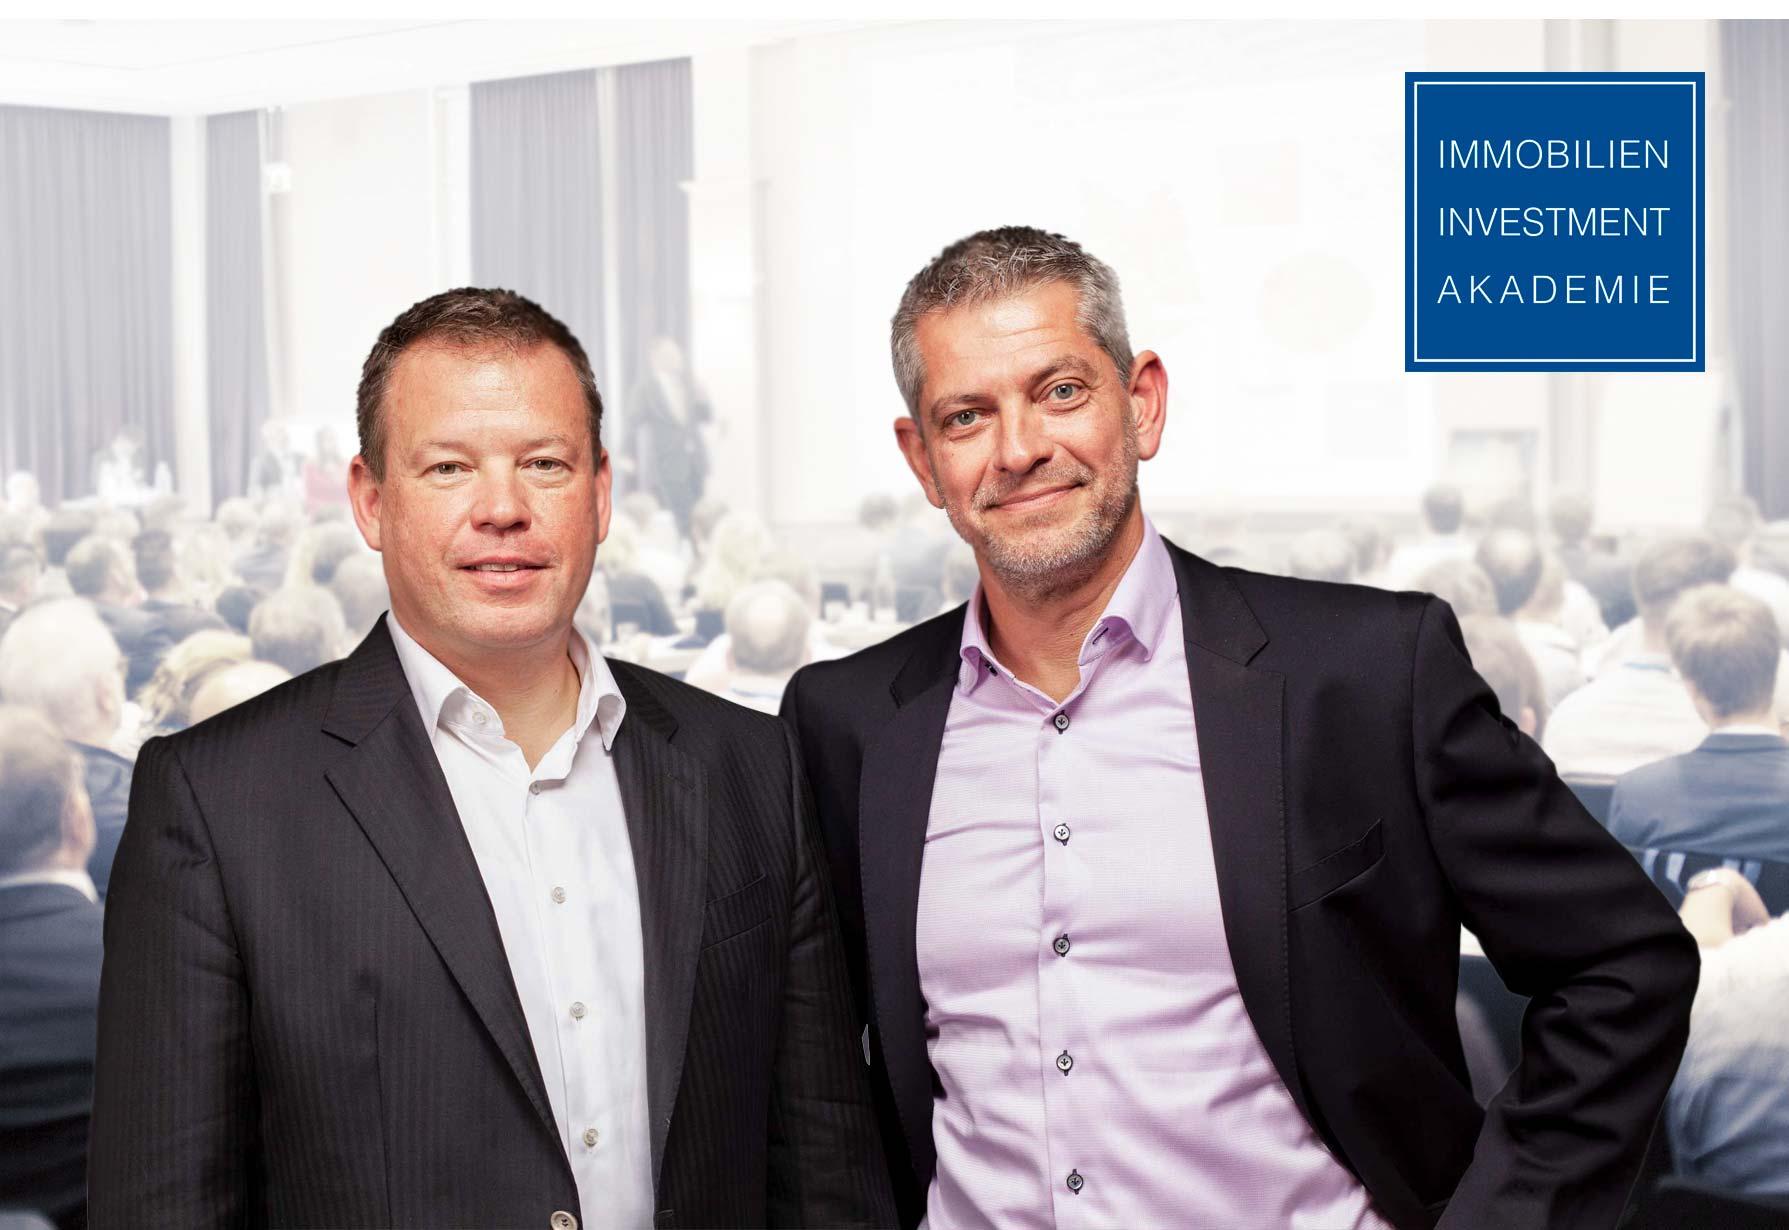 Einmalige Gelegenheit Für Immobilien-Investoren: Networking Auf Der Immobilien Investment Konferenz